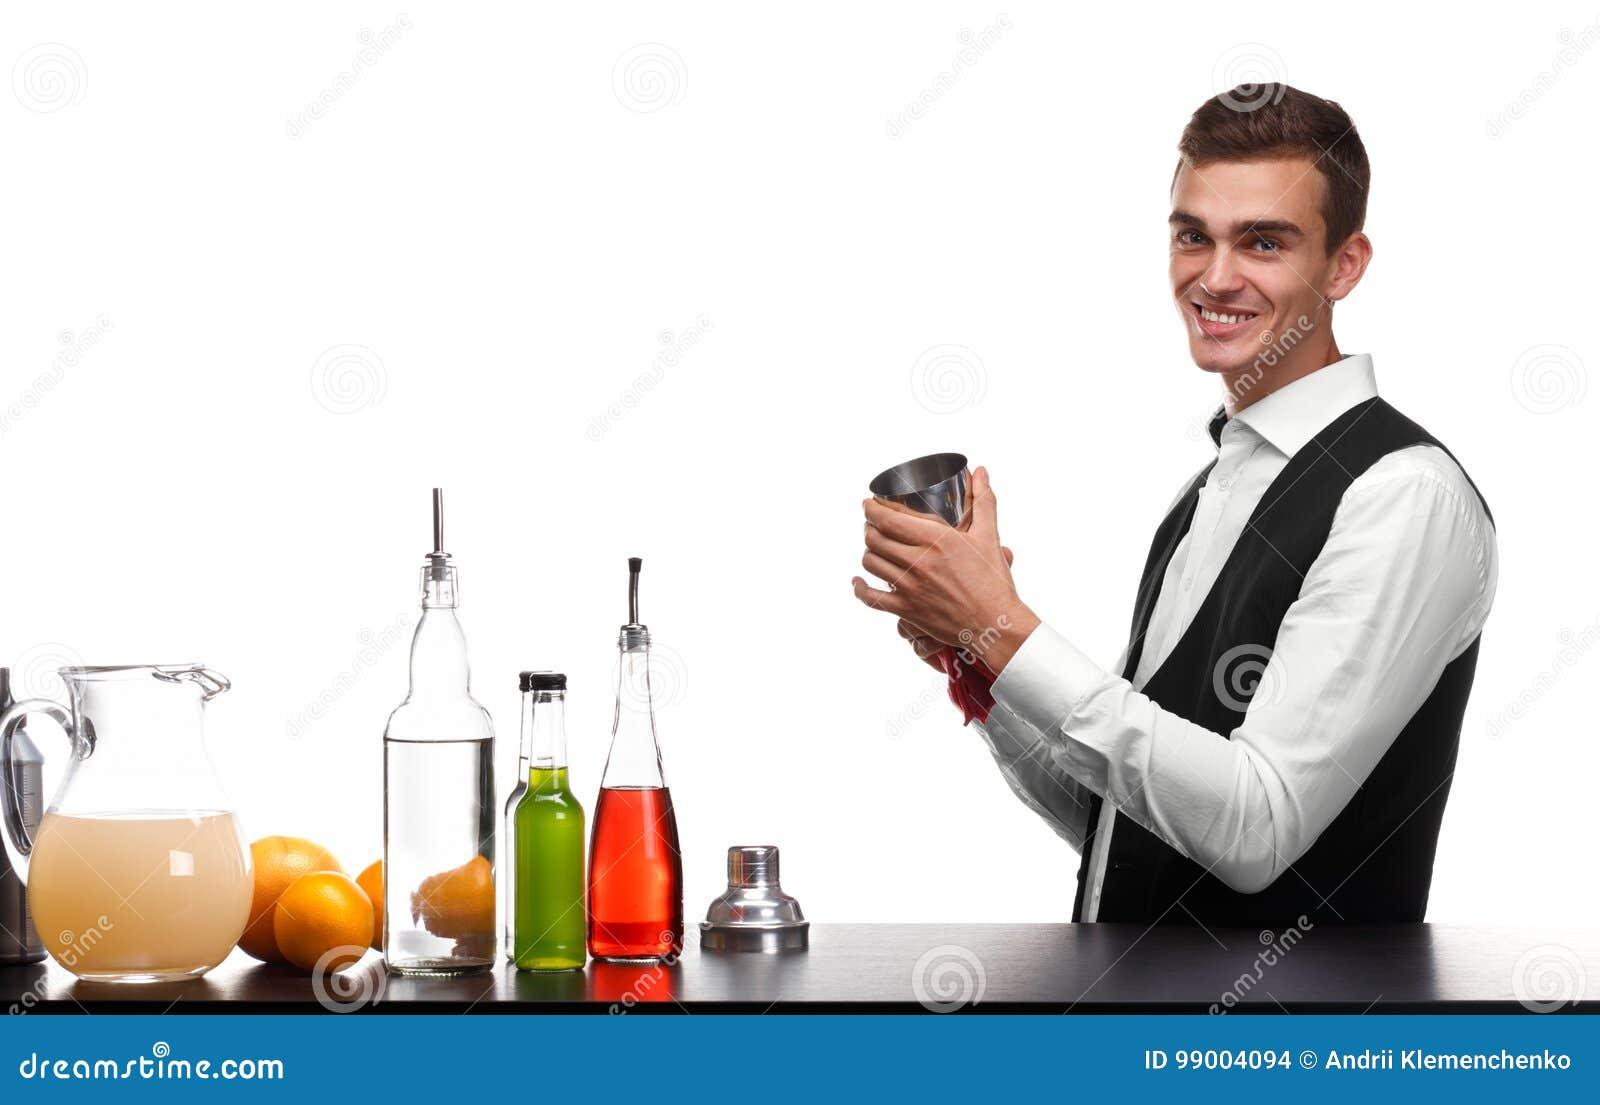 Un camarero que limpia una coctelera para las bebidas, aislada en un fondo blanco Ingredientes del cóctel en un contador de la ba